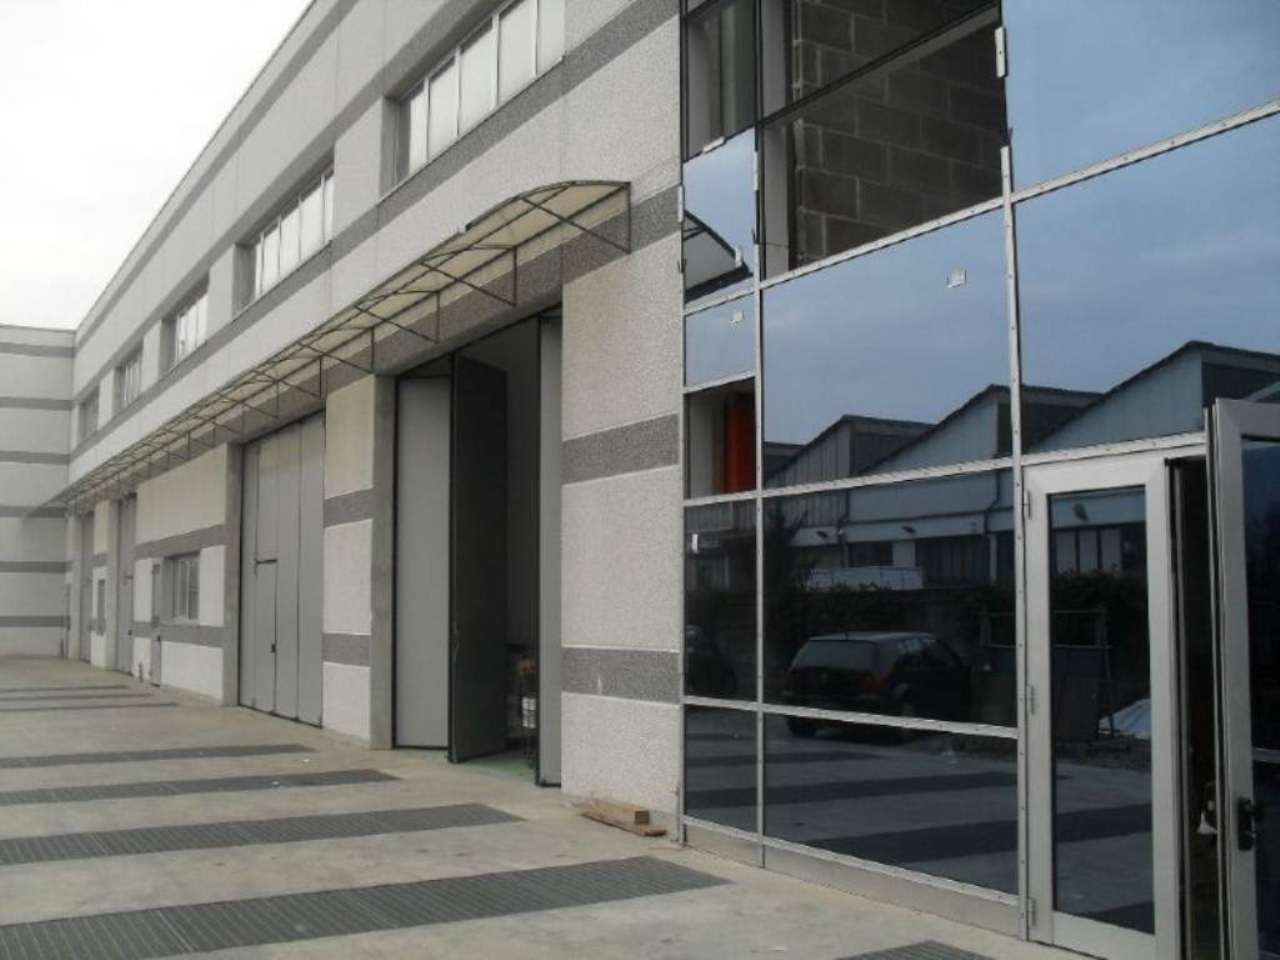 Ufficio / Studio in affitto a Desio, 2 locali, prezzo € 1.600 | Cambio Casa.it